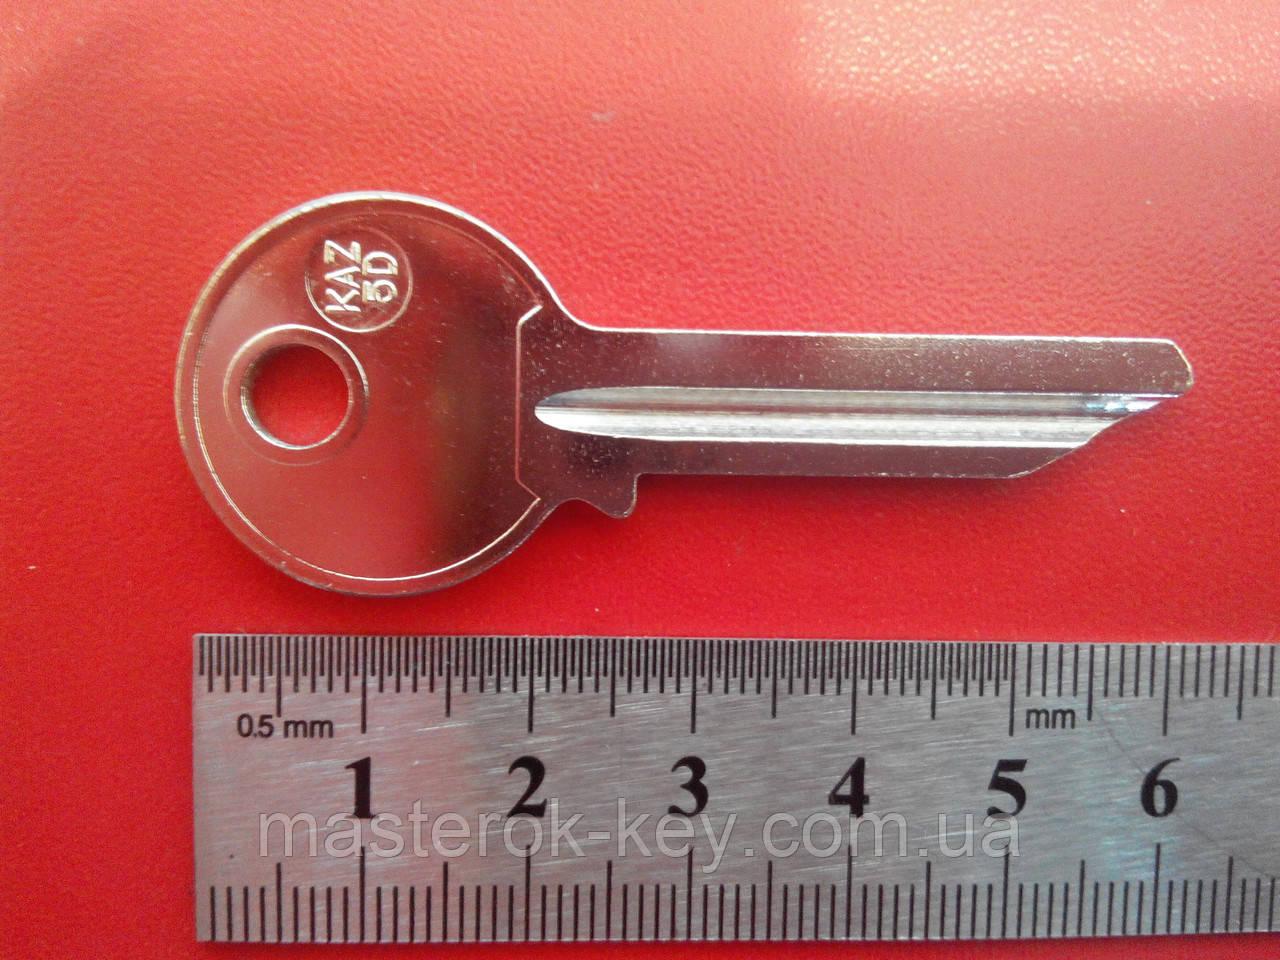 Заготовка ключа KAZ-5D